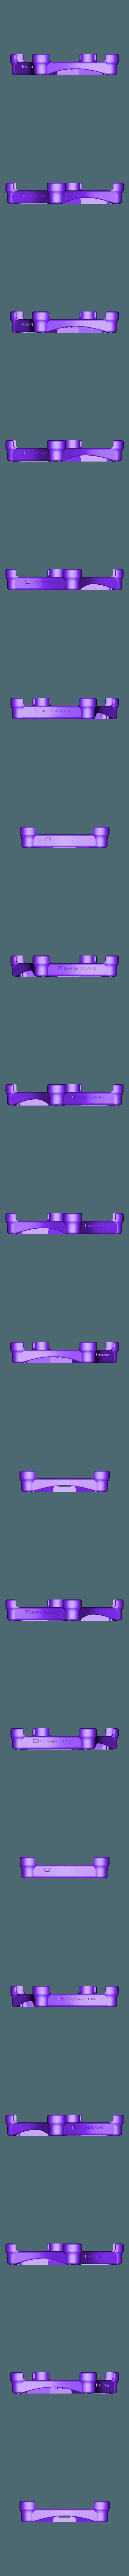 frame.stl Télécharger fichier STL gratuit Cadre de drone TPU FPV - Indestructible • Modèle à imprimer en 3D, gvaskovsky